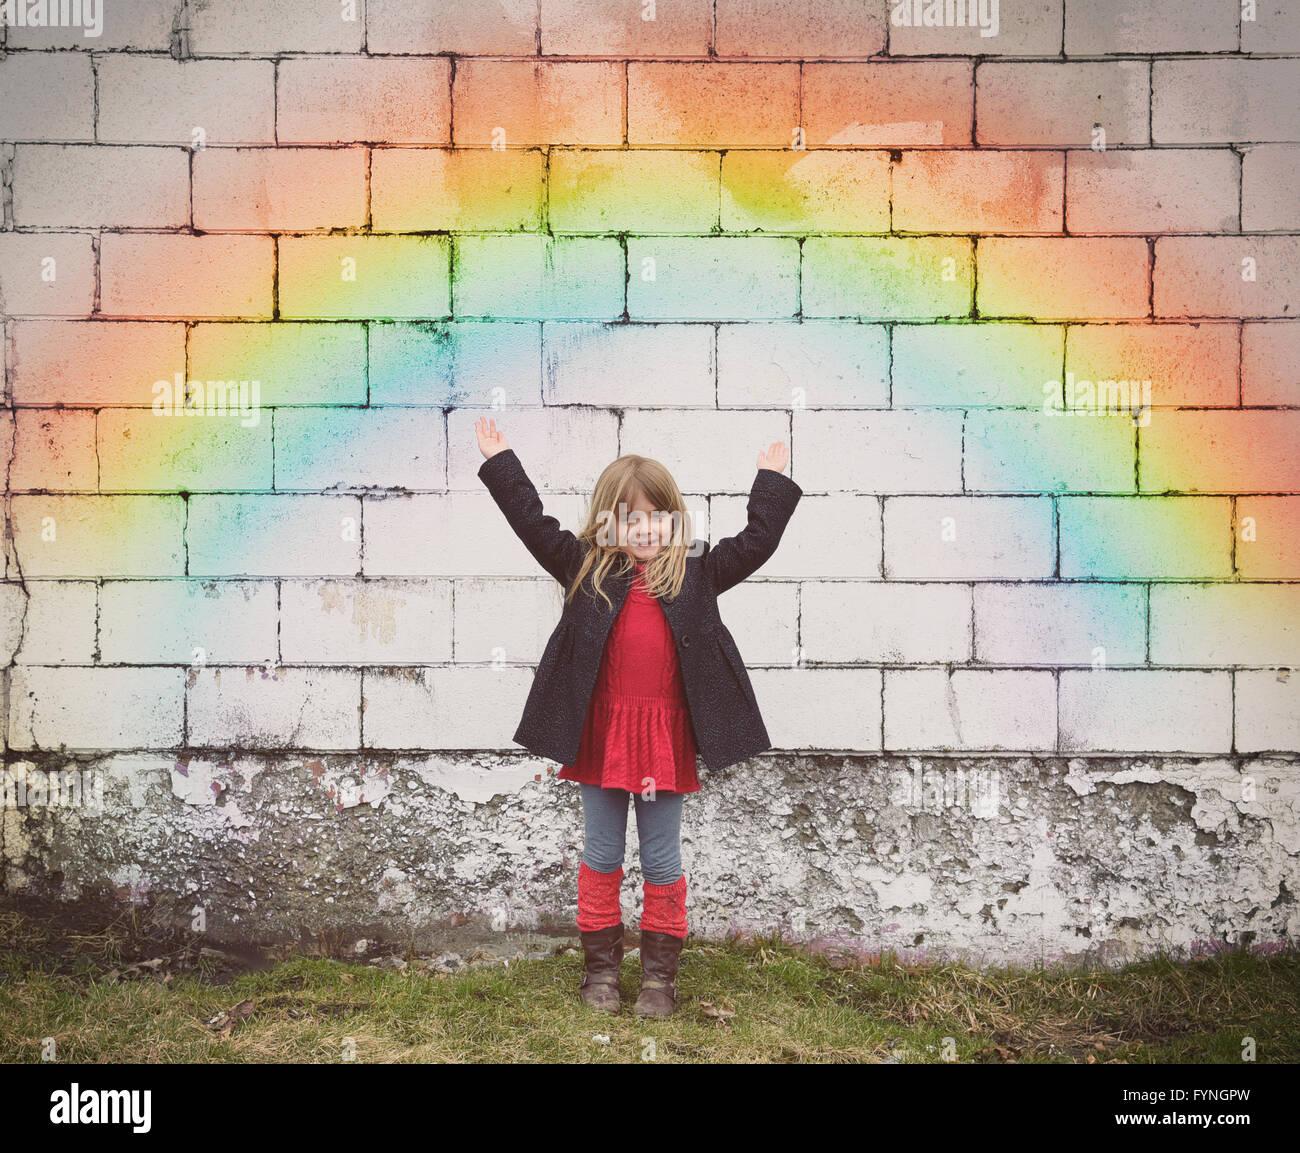 Une bonne petite fille est debout contre un mur en brique avec un arc-en-ciel colorés et ses mains sont posées Photo Stock